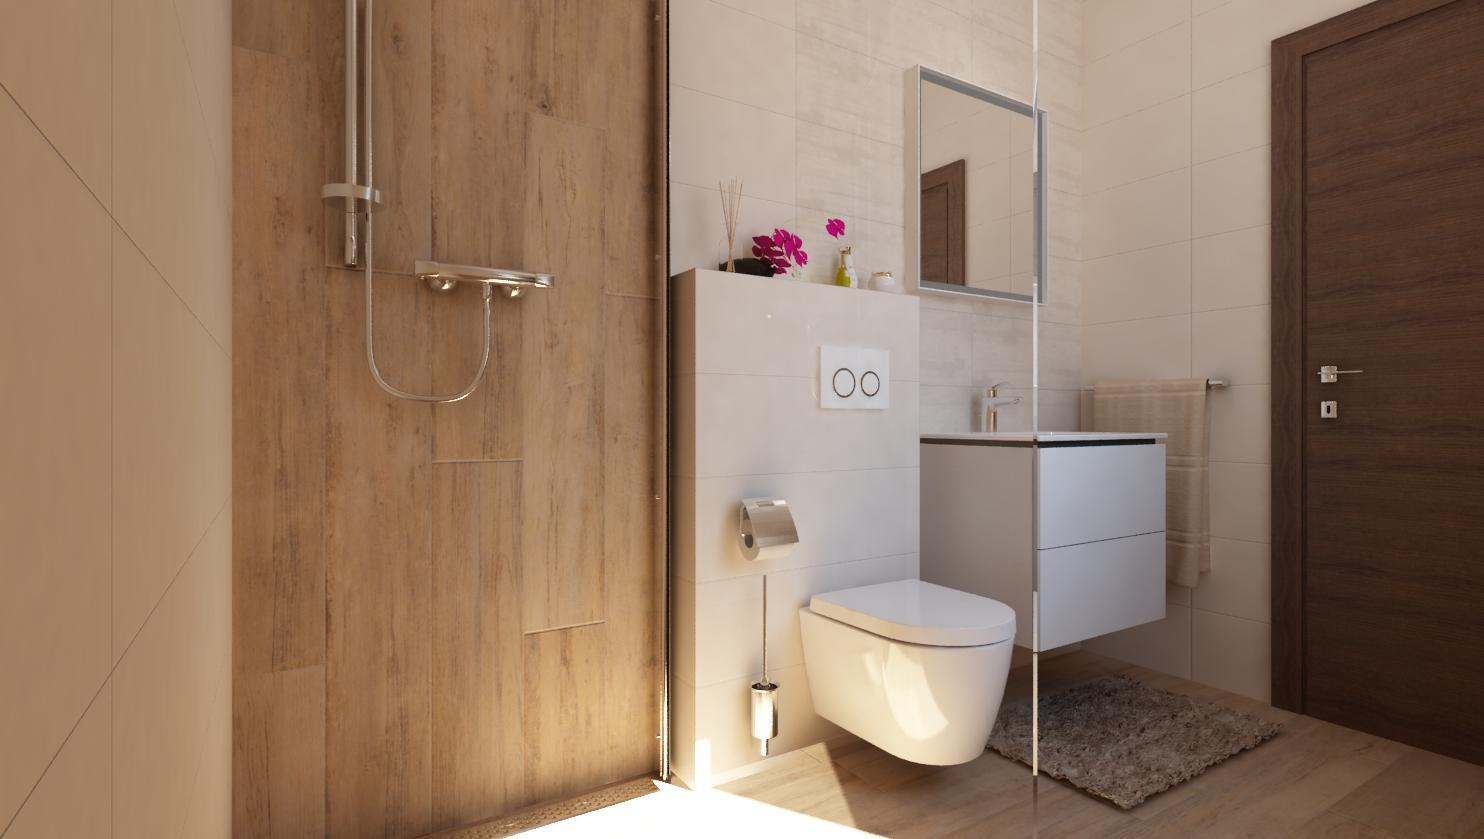 Návrhy a vizualizácie kúpeľní - Obrázok č. 64